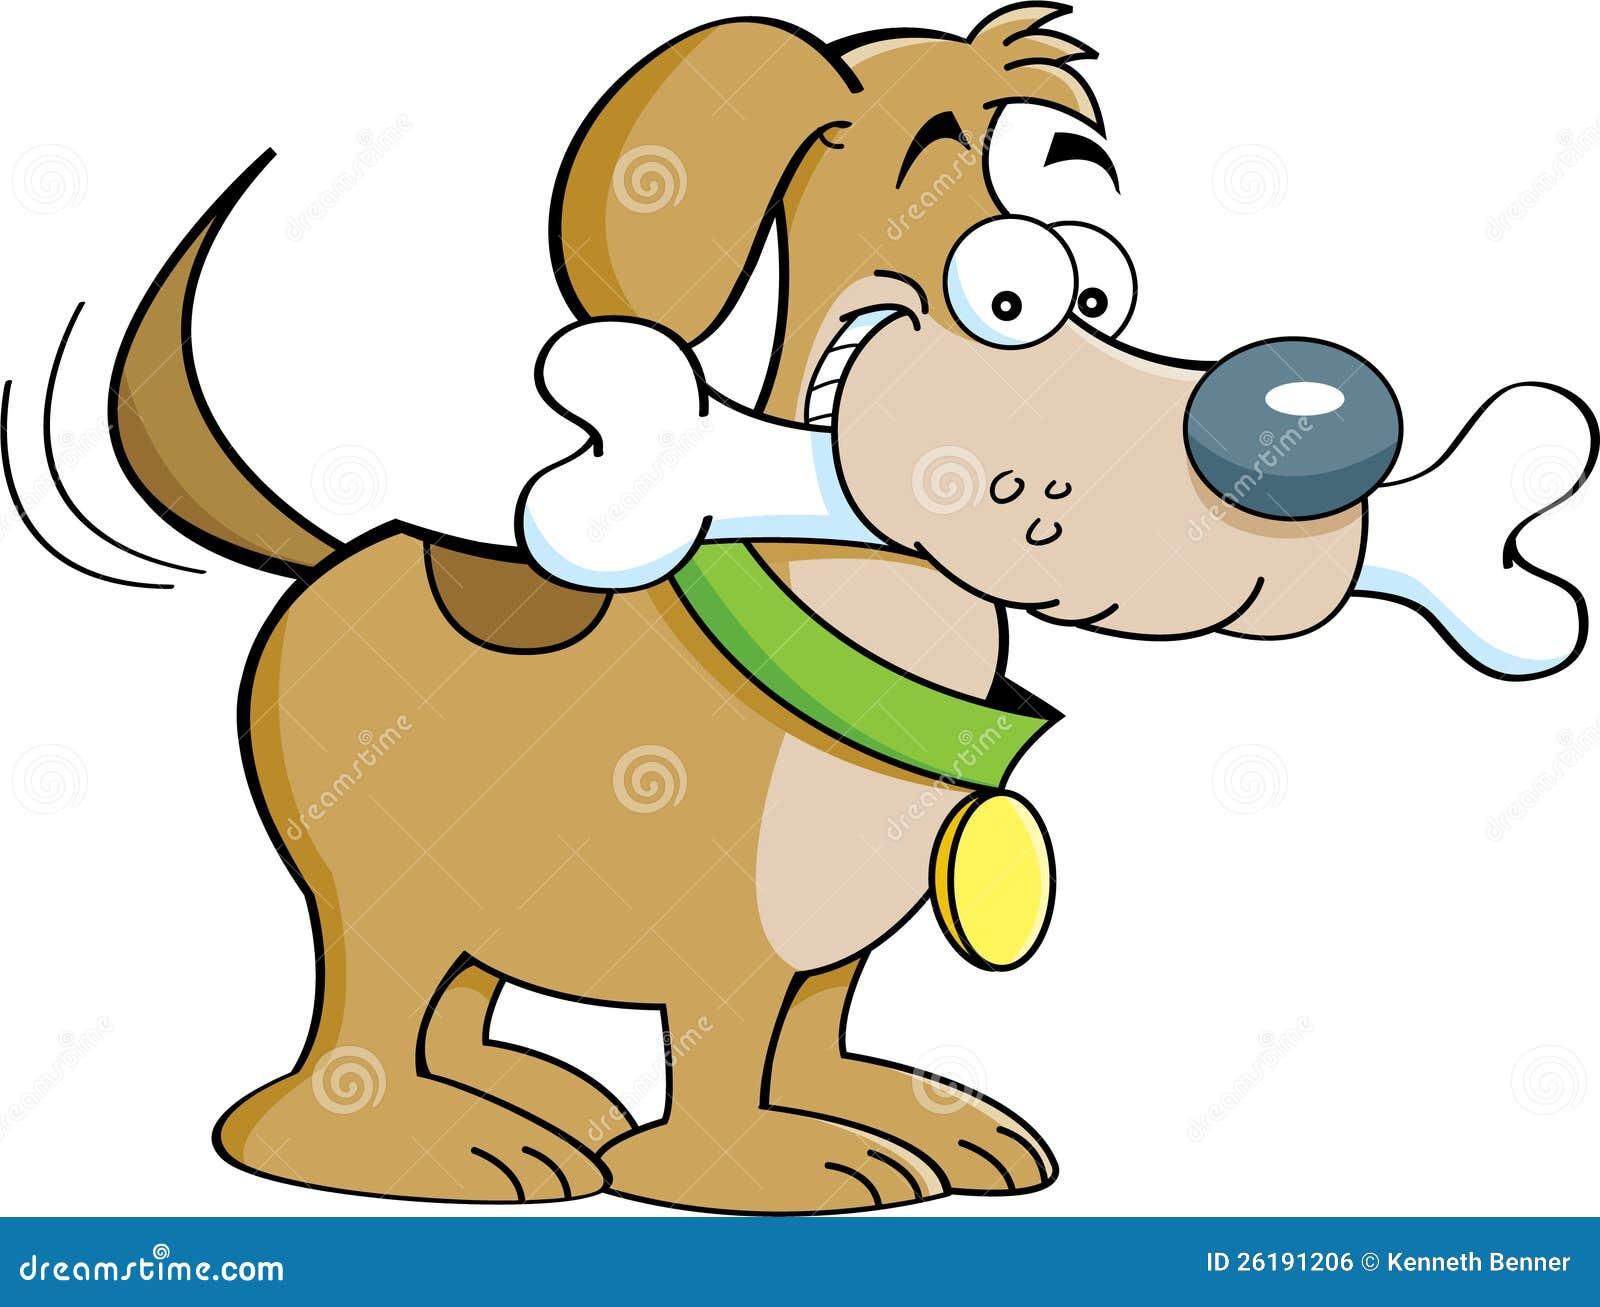 clipart kostenlos hund - photo #25